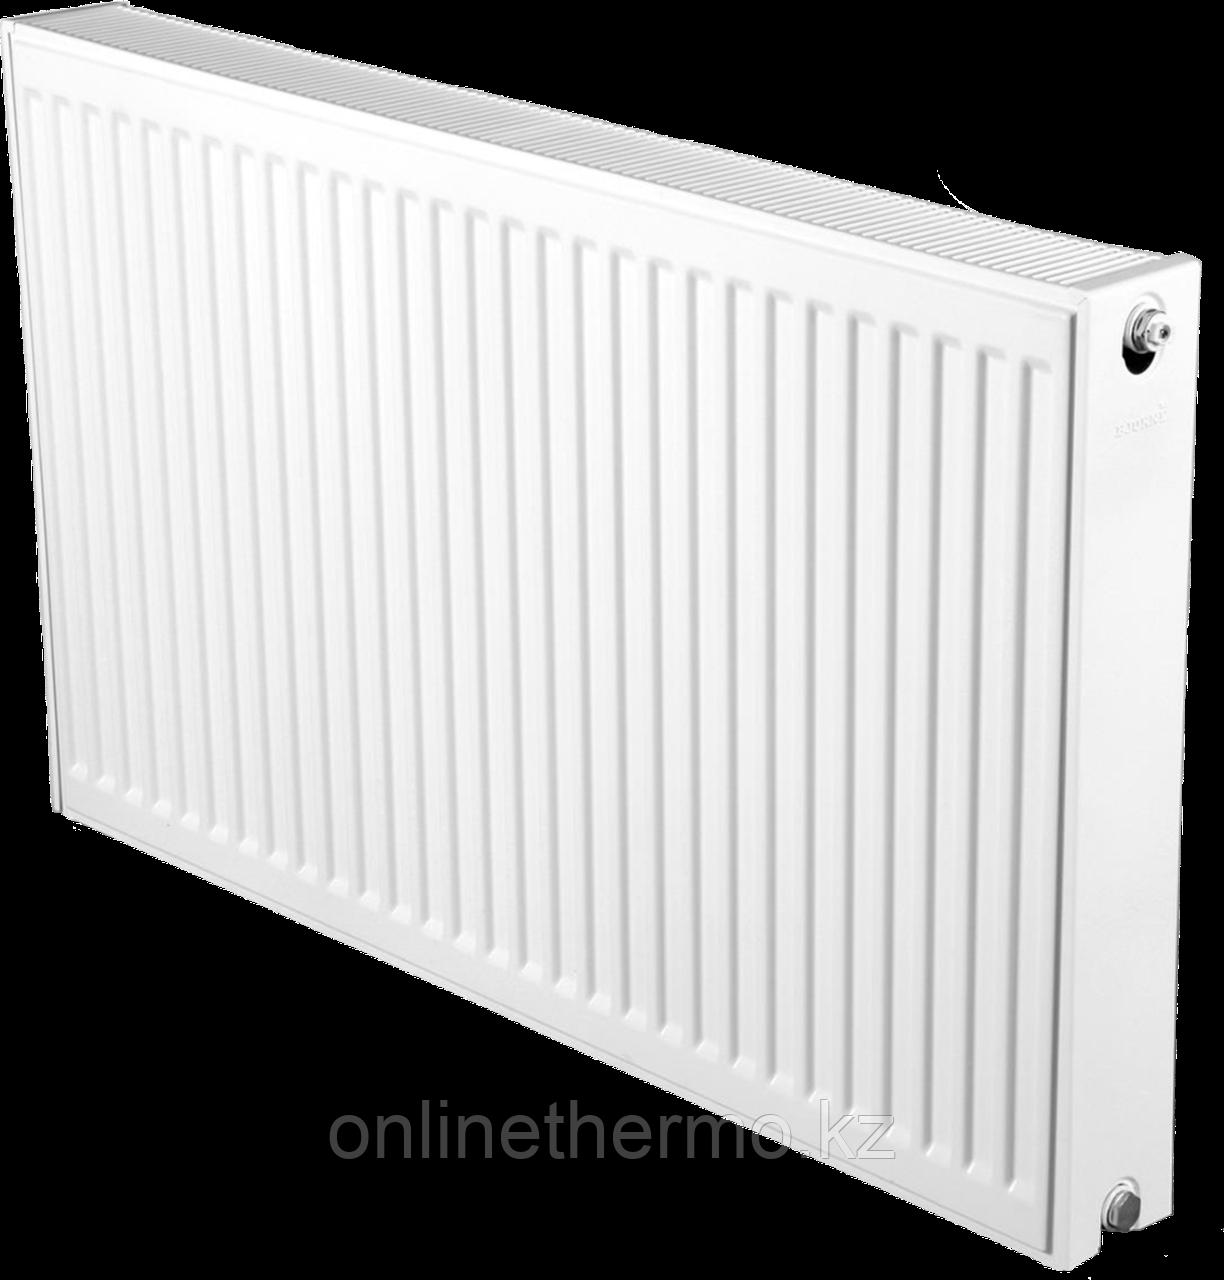 Радиатор стальной тип 22K H500мм*L600мм панельный Bjorne боковое подключение - фото 1